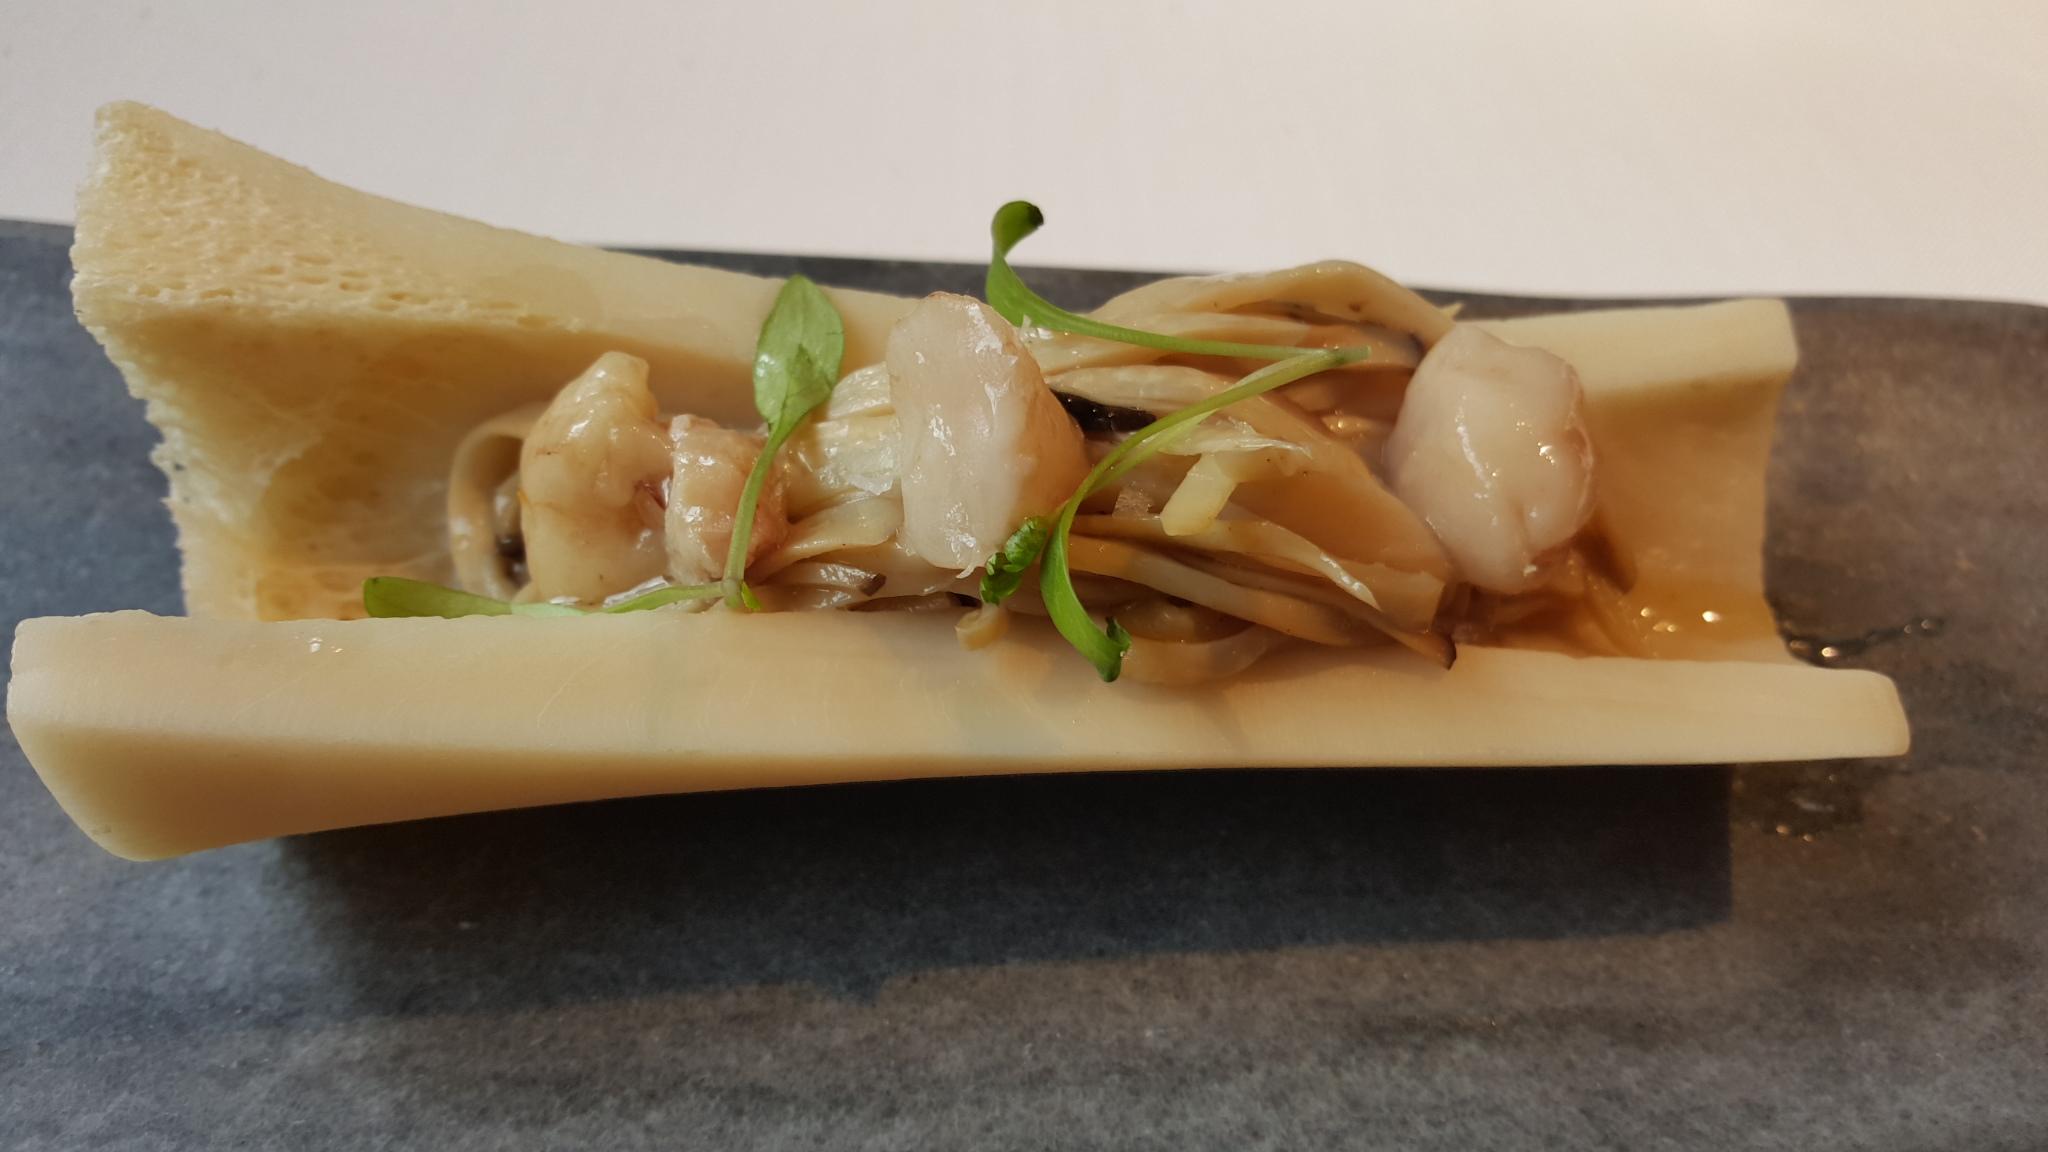 Restaurante Venta Moncalvillo Fideos de seta de chopo con tuétano y cilantro